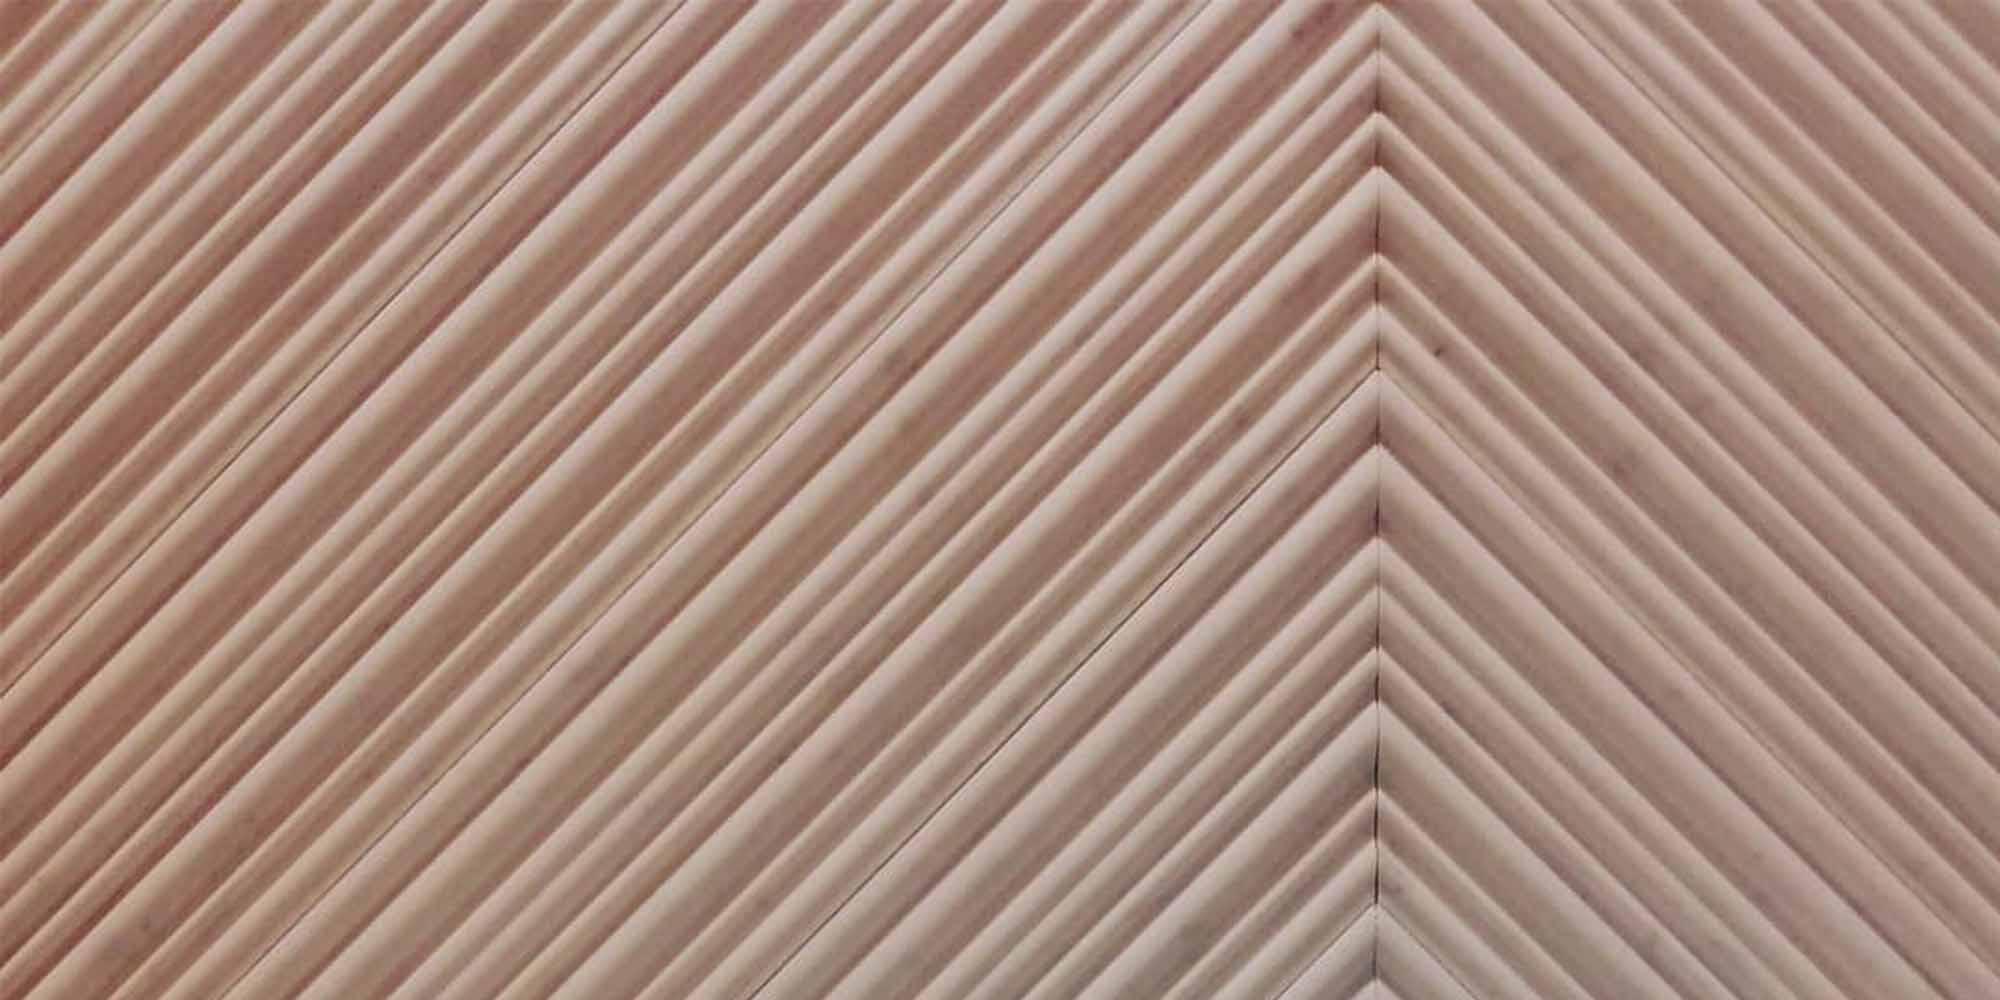 MetroQuality Prodotti Bianco 67 Bamboo